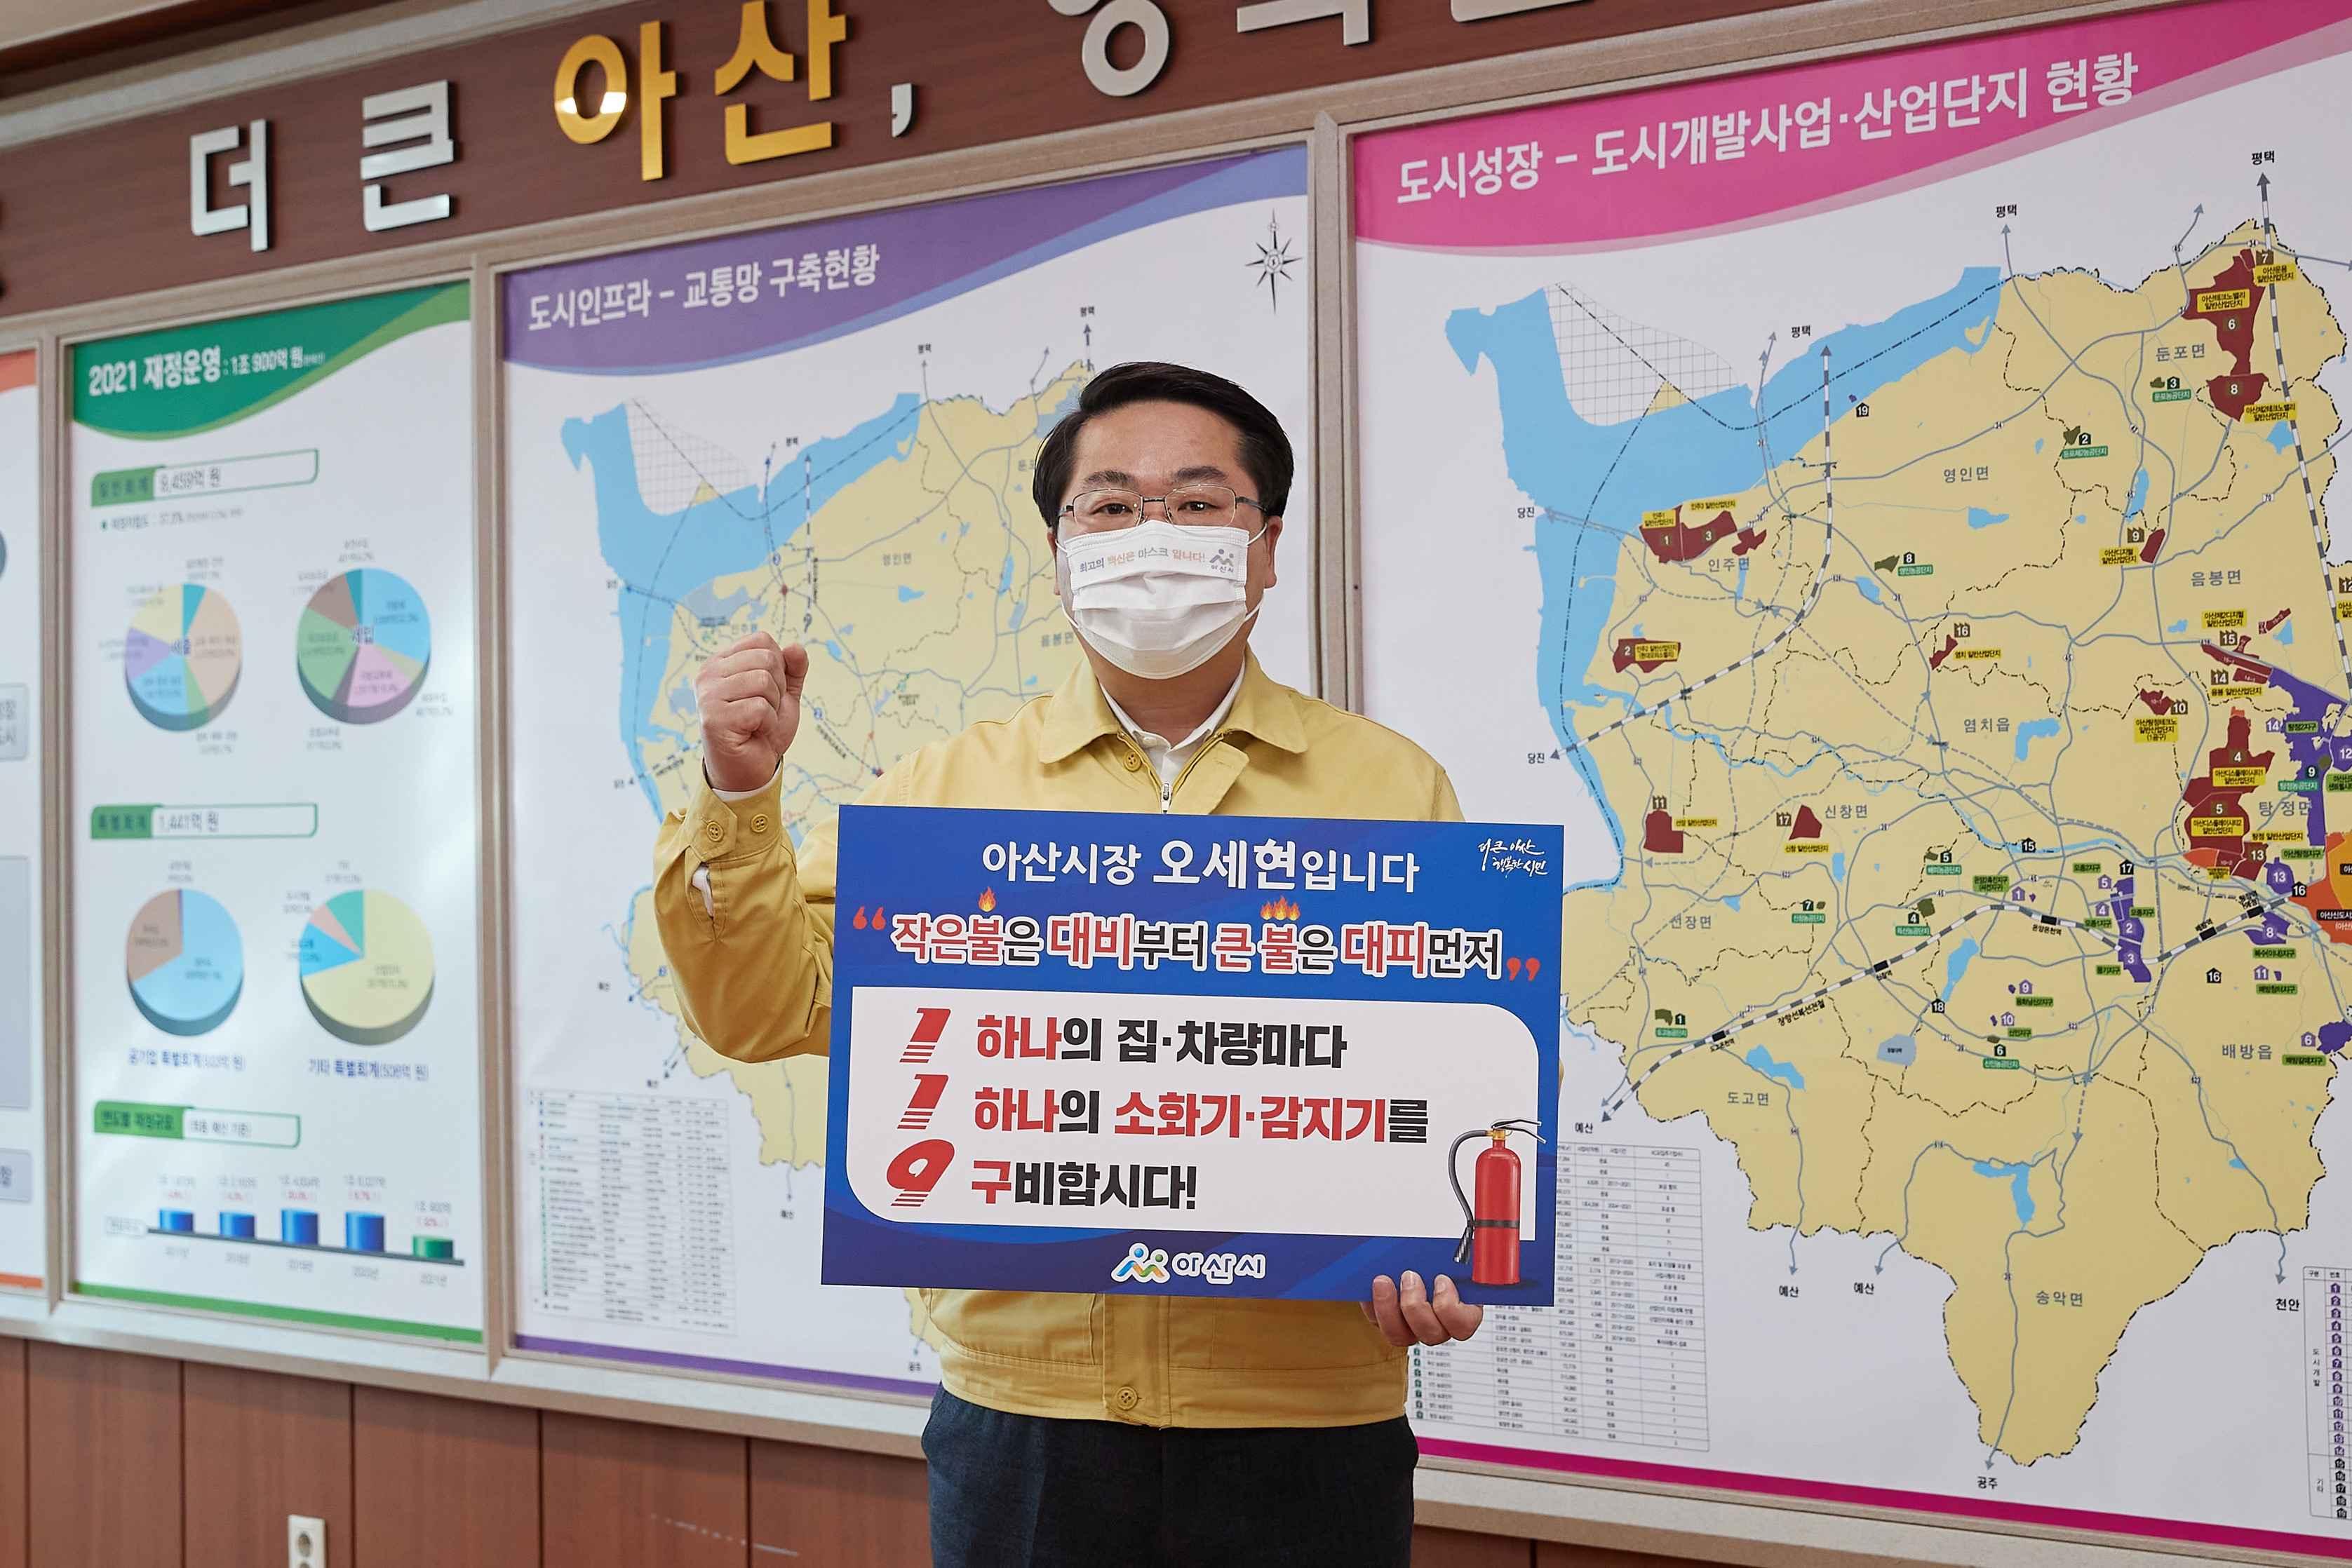 오세현 아산시장, 화재안전 119릴레이 챌린지 동참 관련사진